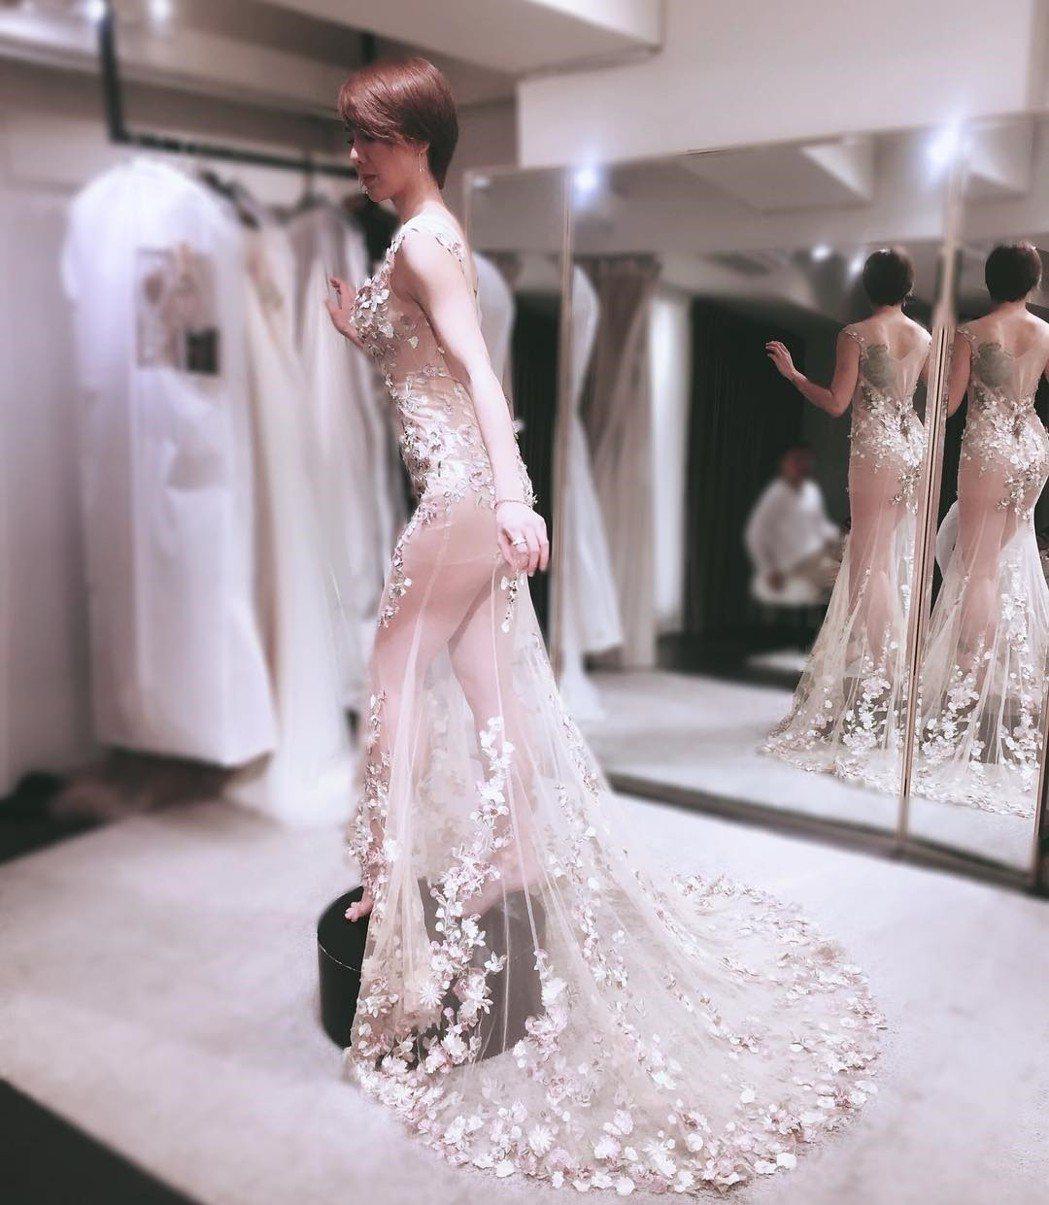 劉雨柔去年登記結婚,近來分享了多張婚紗照。 圖/擷自IG。